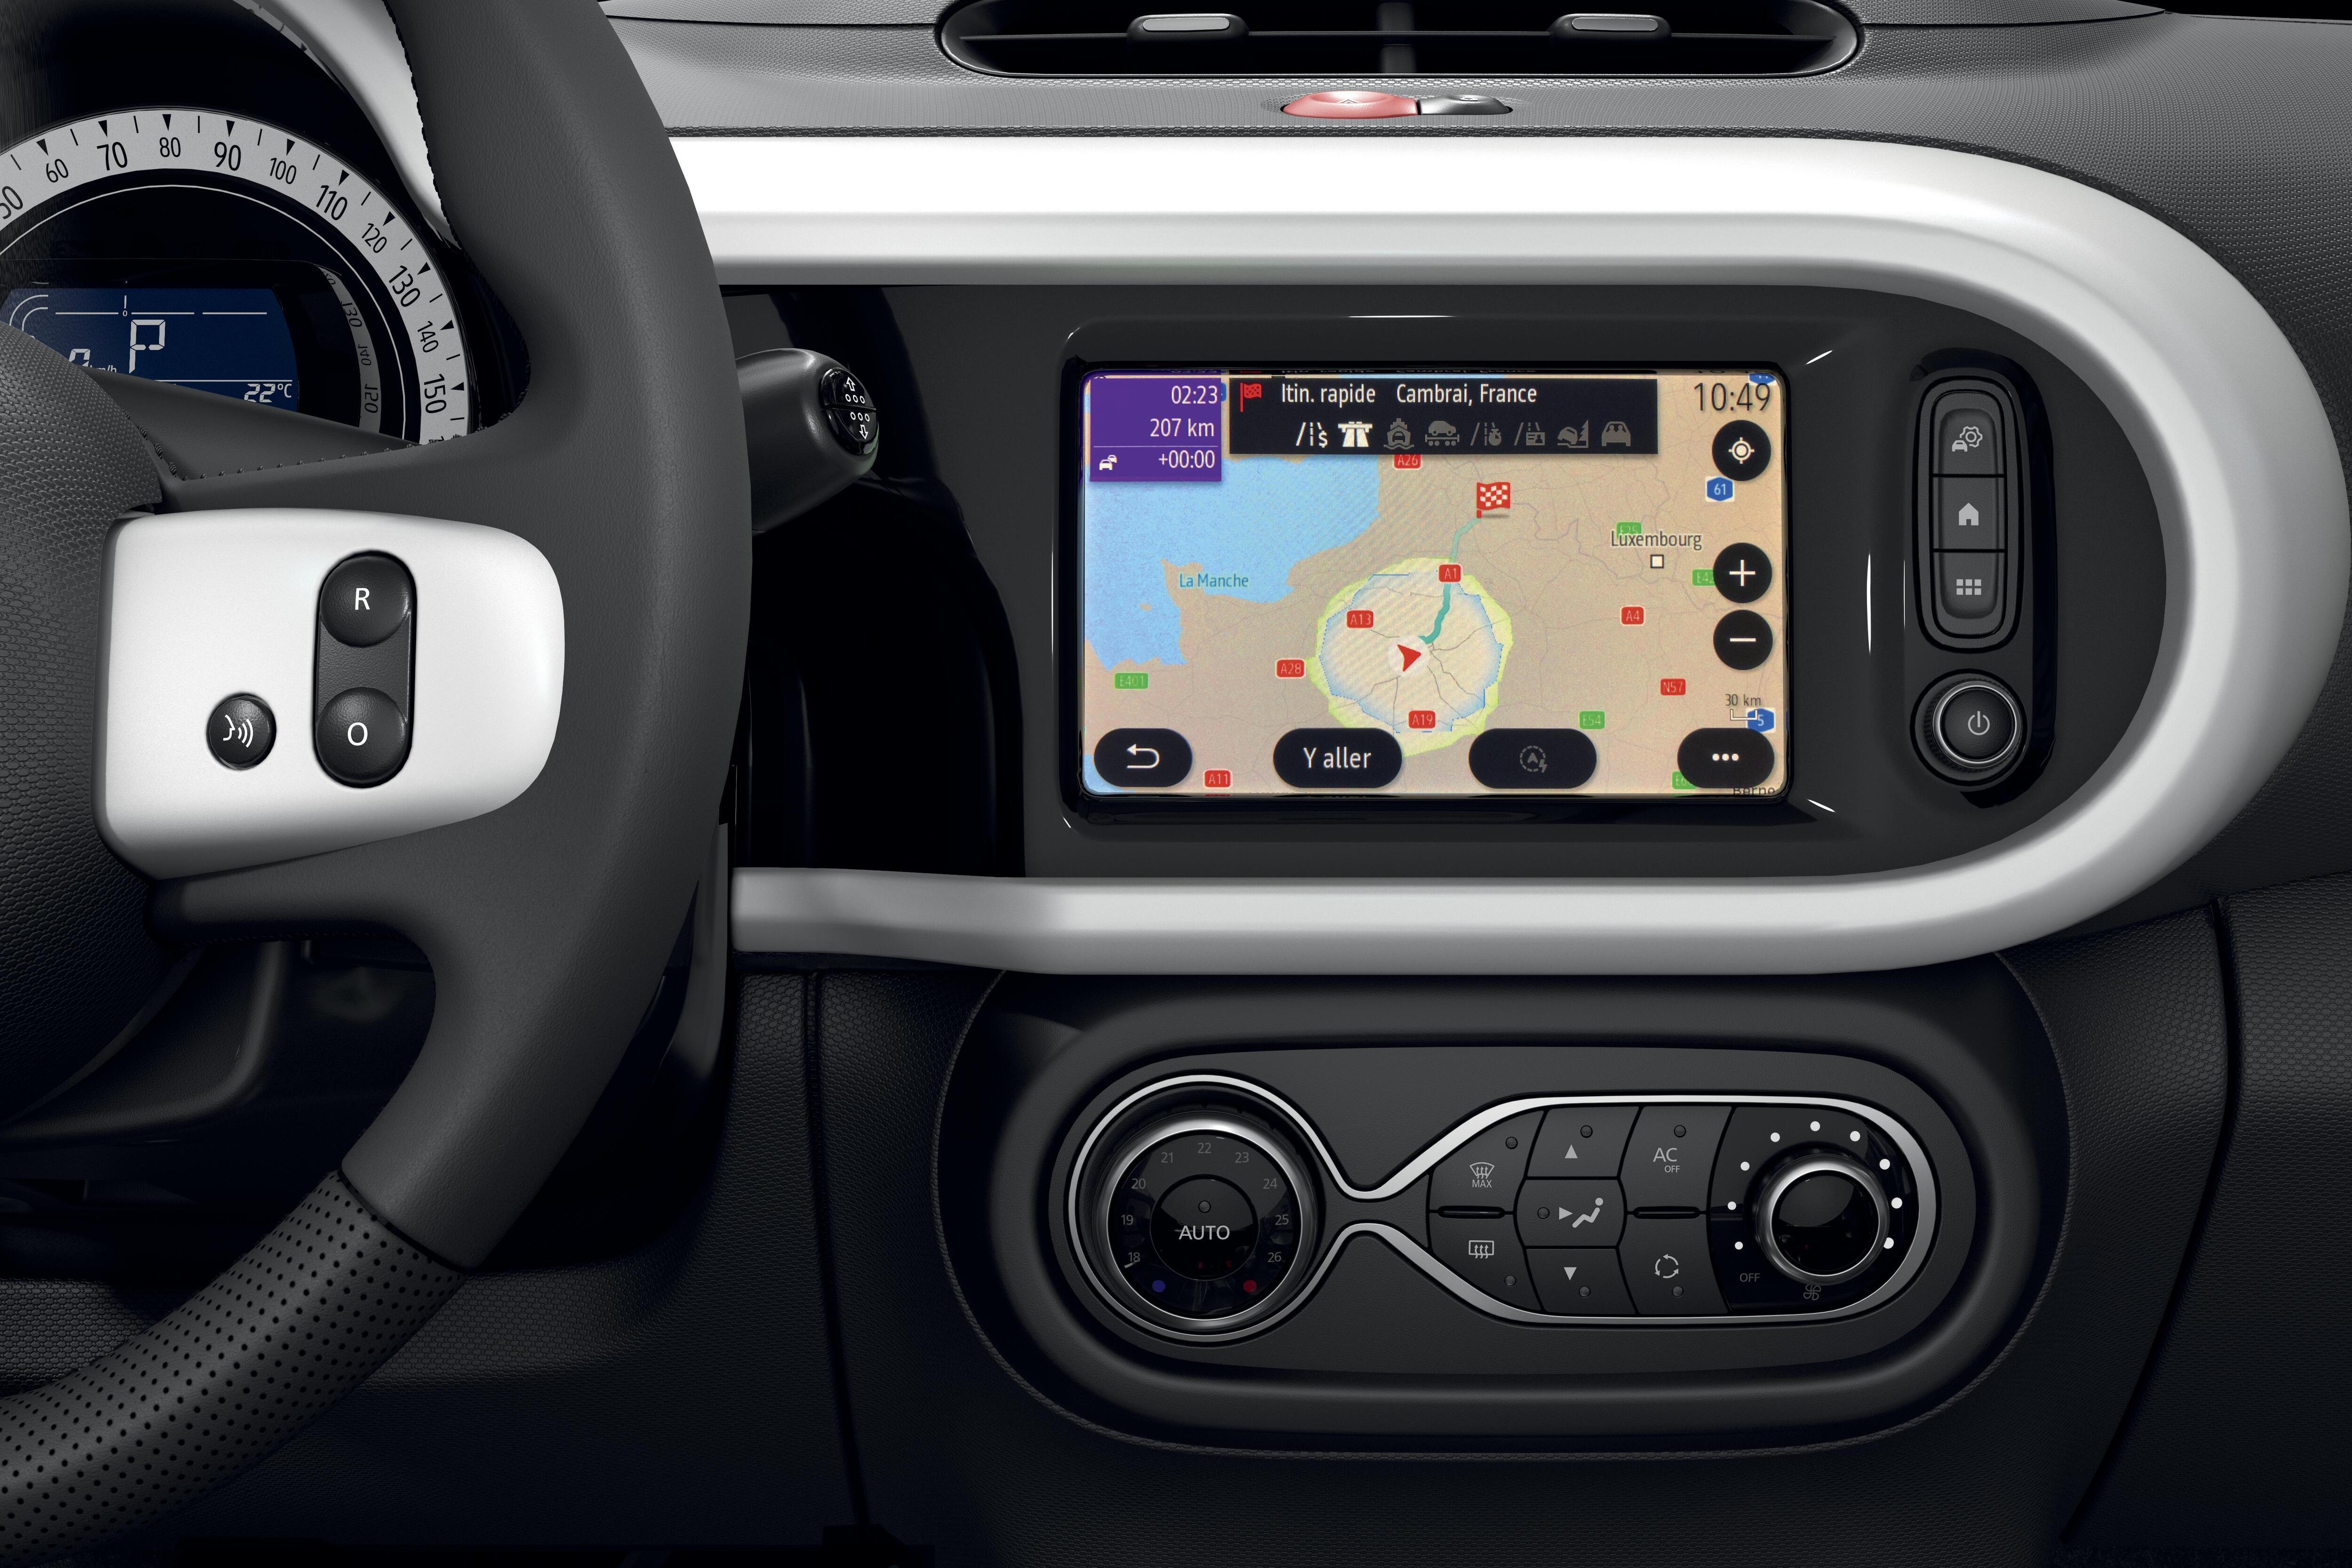 EASY LINK 7'' avec navigation connectée et subwoofer, Compatible Android Auto™ et Apple Carplay™